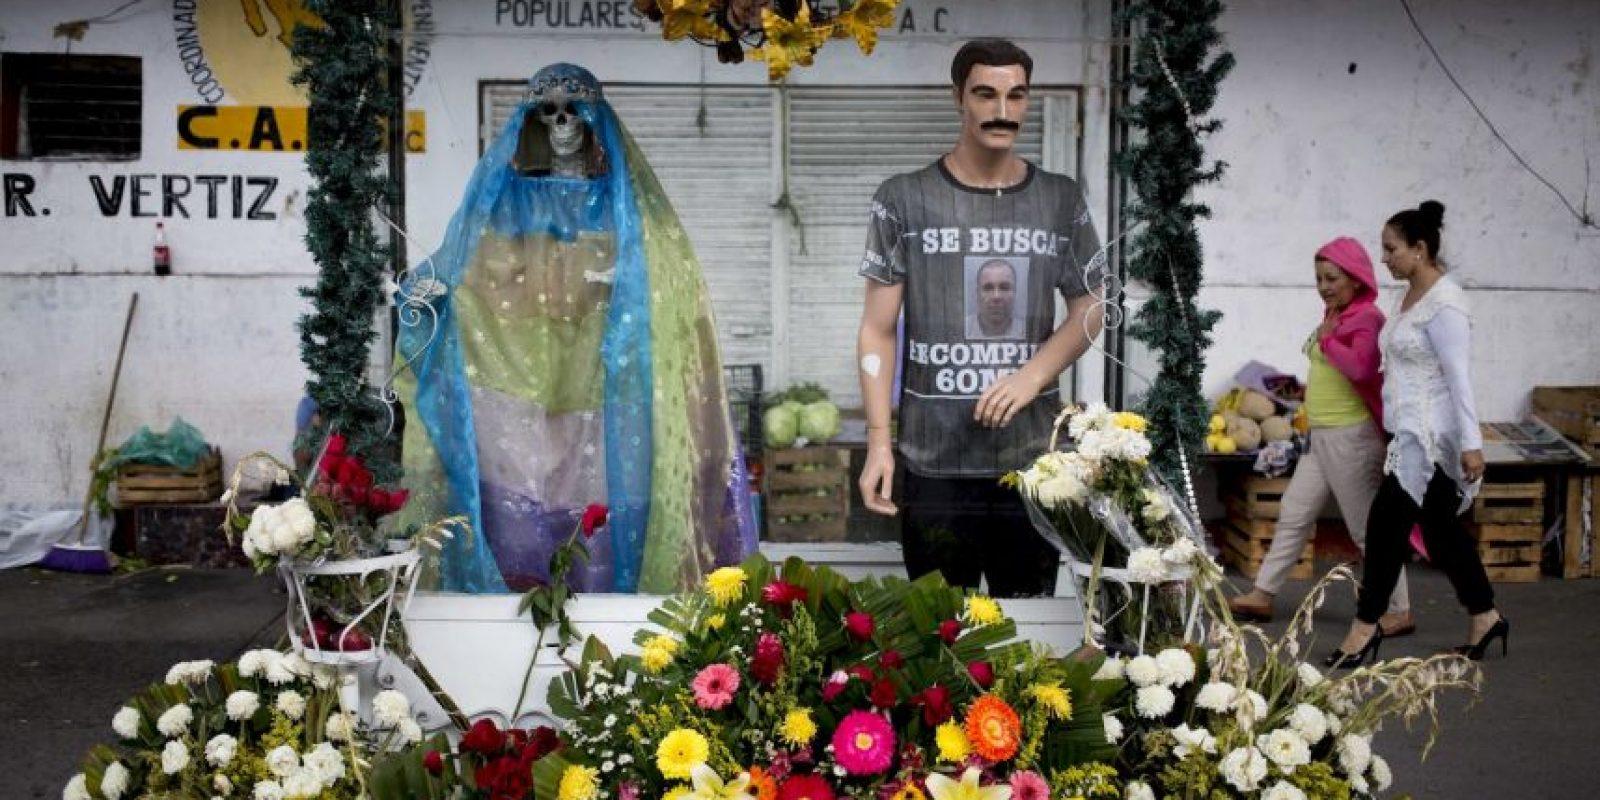 """Junto a personajes como """"Jesús Malverde"""" o """"La Santa Muerte"""" Foto:AP"""